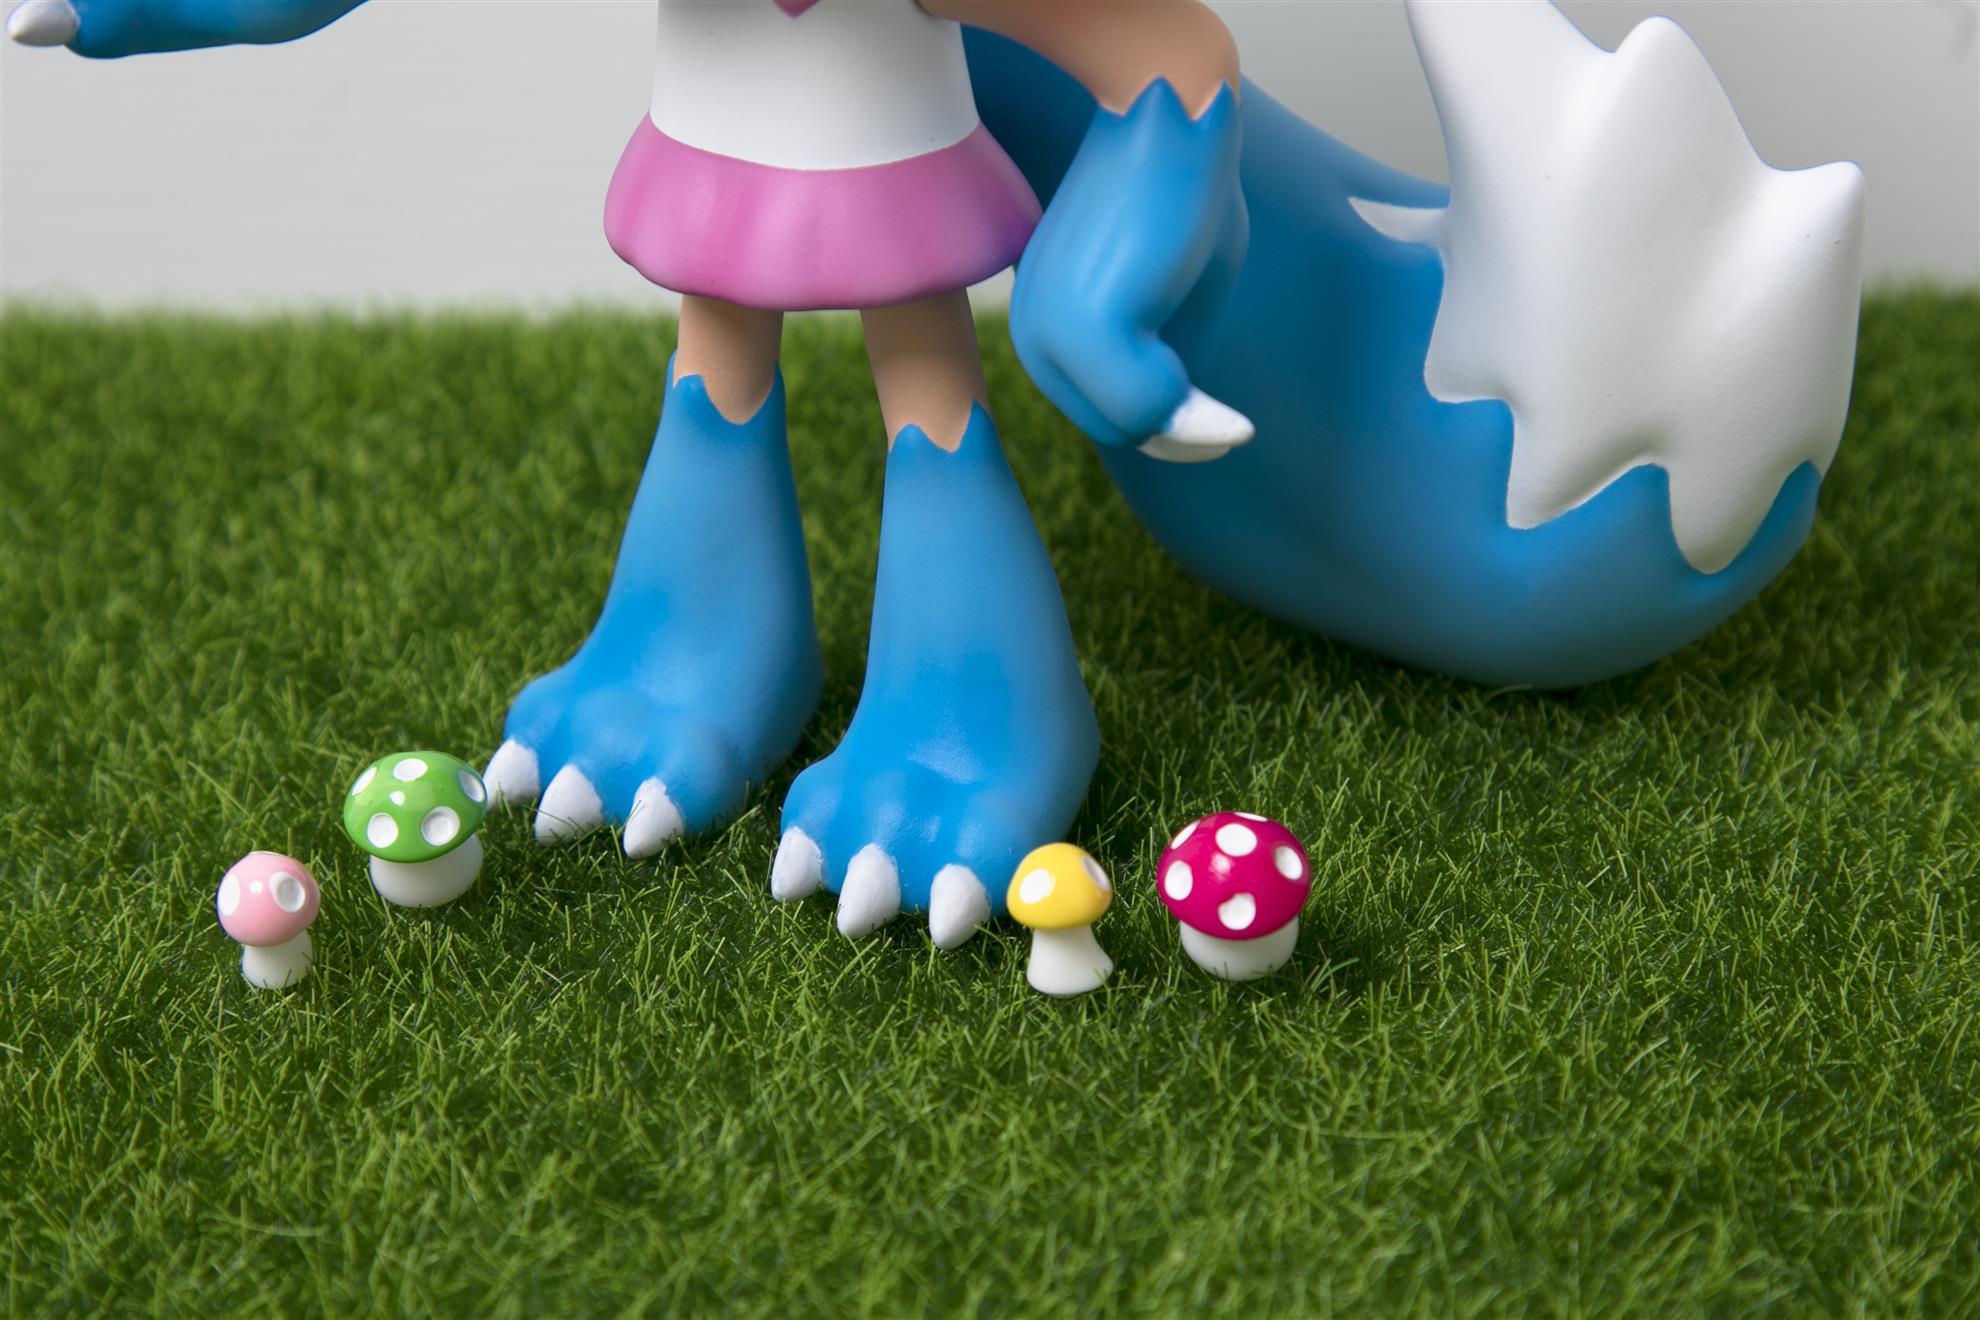 狼人--【碧兒】Bitten 狼人 狼女 萬聖節 寶貝萬聖節  Baby halloween  Designer toy 設計師玩具